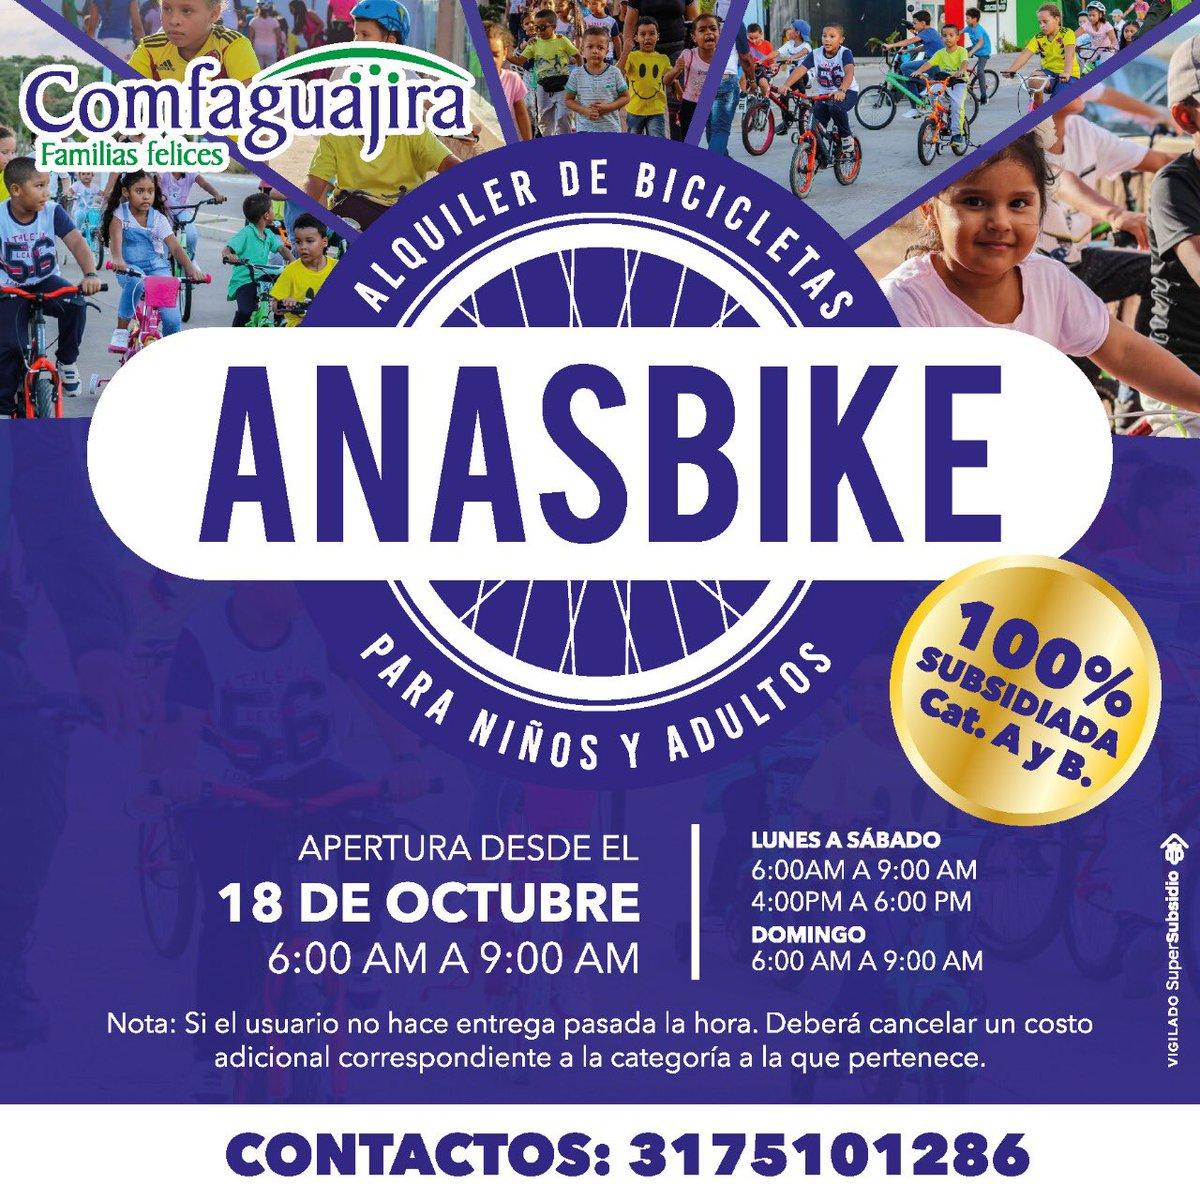 Te invitamos a disfrutar del servicio de alquiler de bicicletas. Anasbike. Te esperamos desde las 6 am en Anas Mai. Anímate y Participa. Contactos 📲3175101286 #AnasBike #AlquilerDeBicicletas #Comfaguajira https://t.co/Vx2zeOufeq